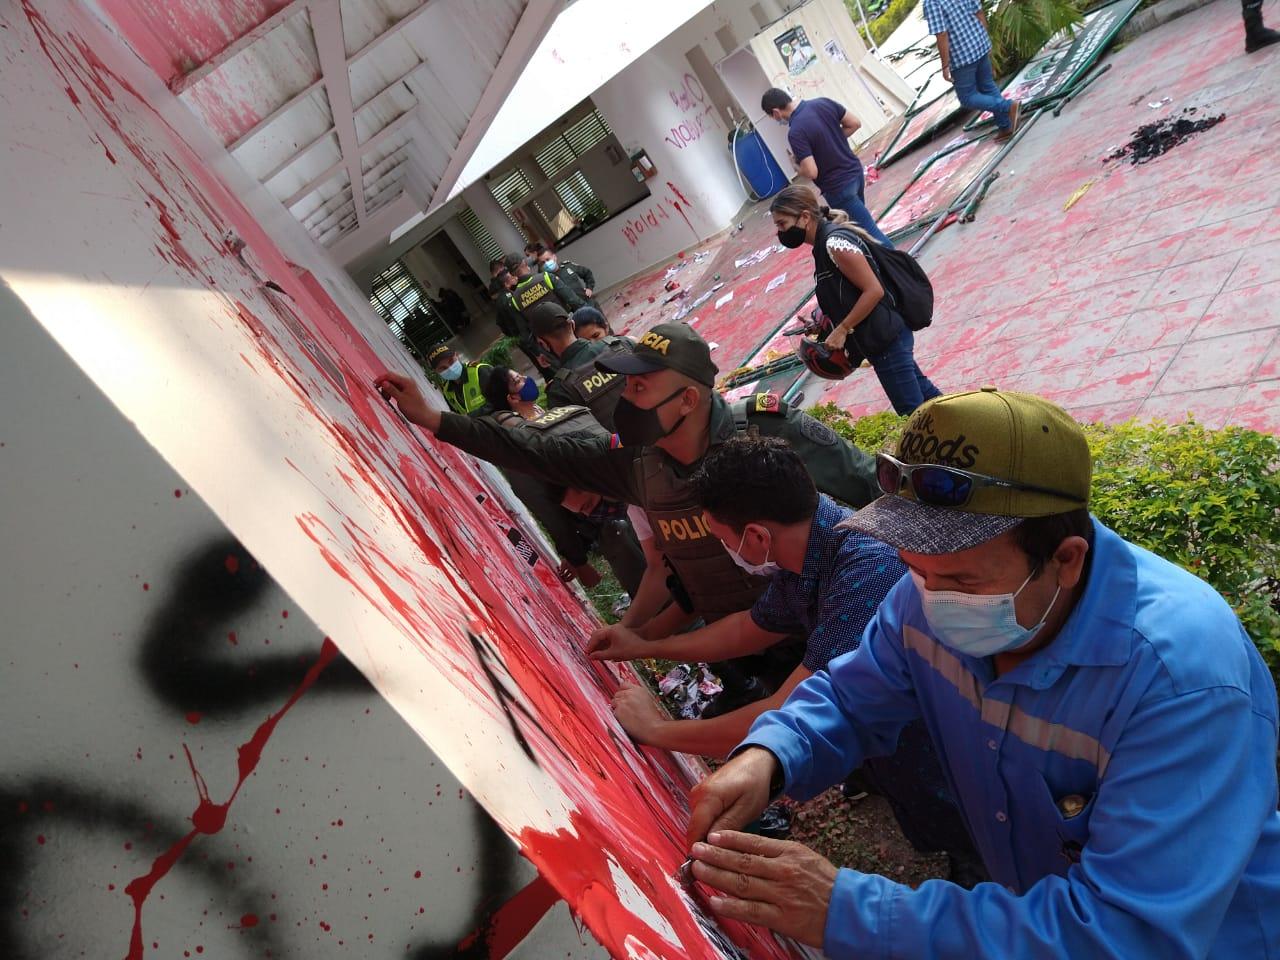 VIDEO. Comunidad de Real de Minas se le rebeló a revoltosos que vandalizaron la Estación   Local   Política   EL FRENTE